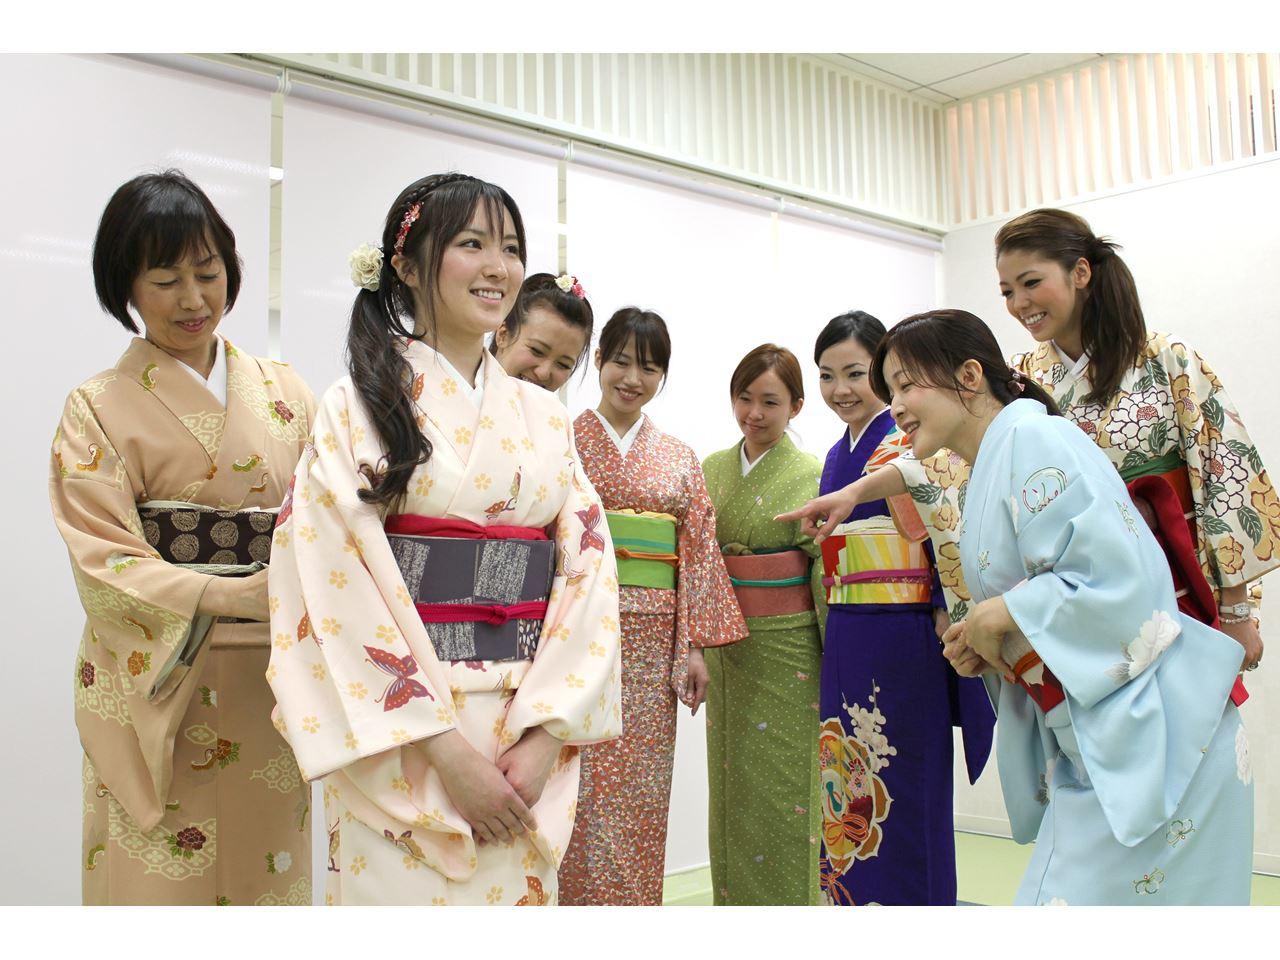 ハクビ京都きもの学院 - 大船教室